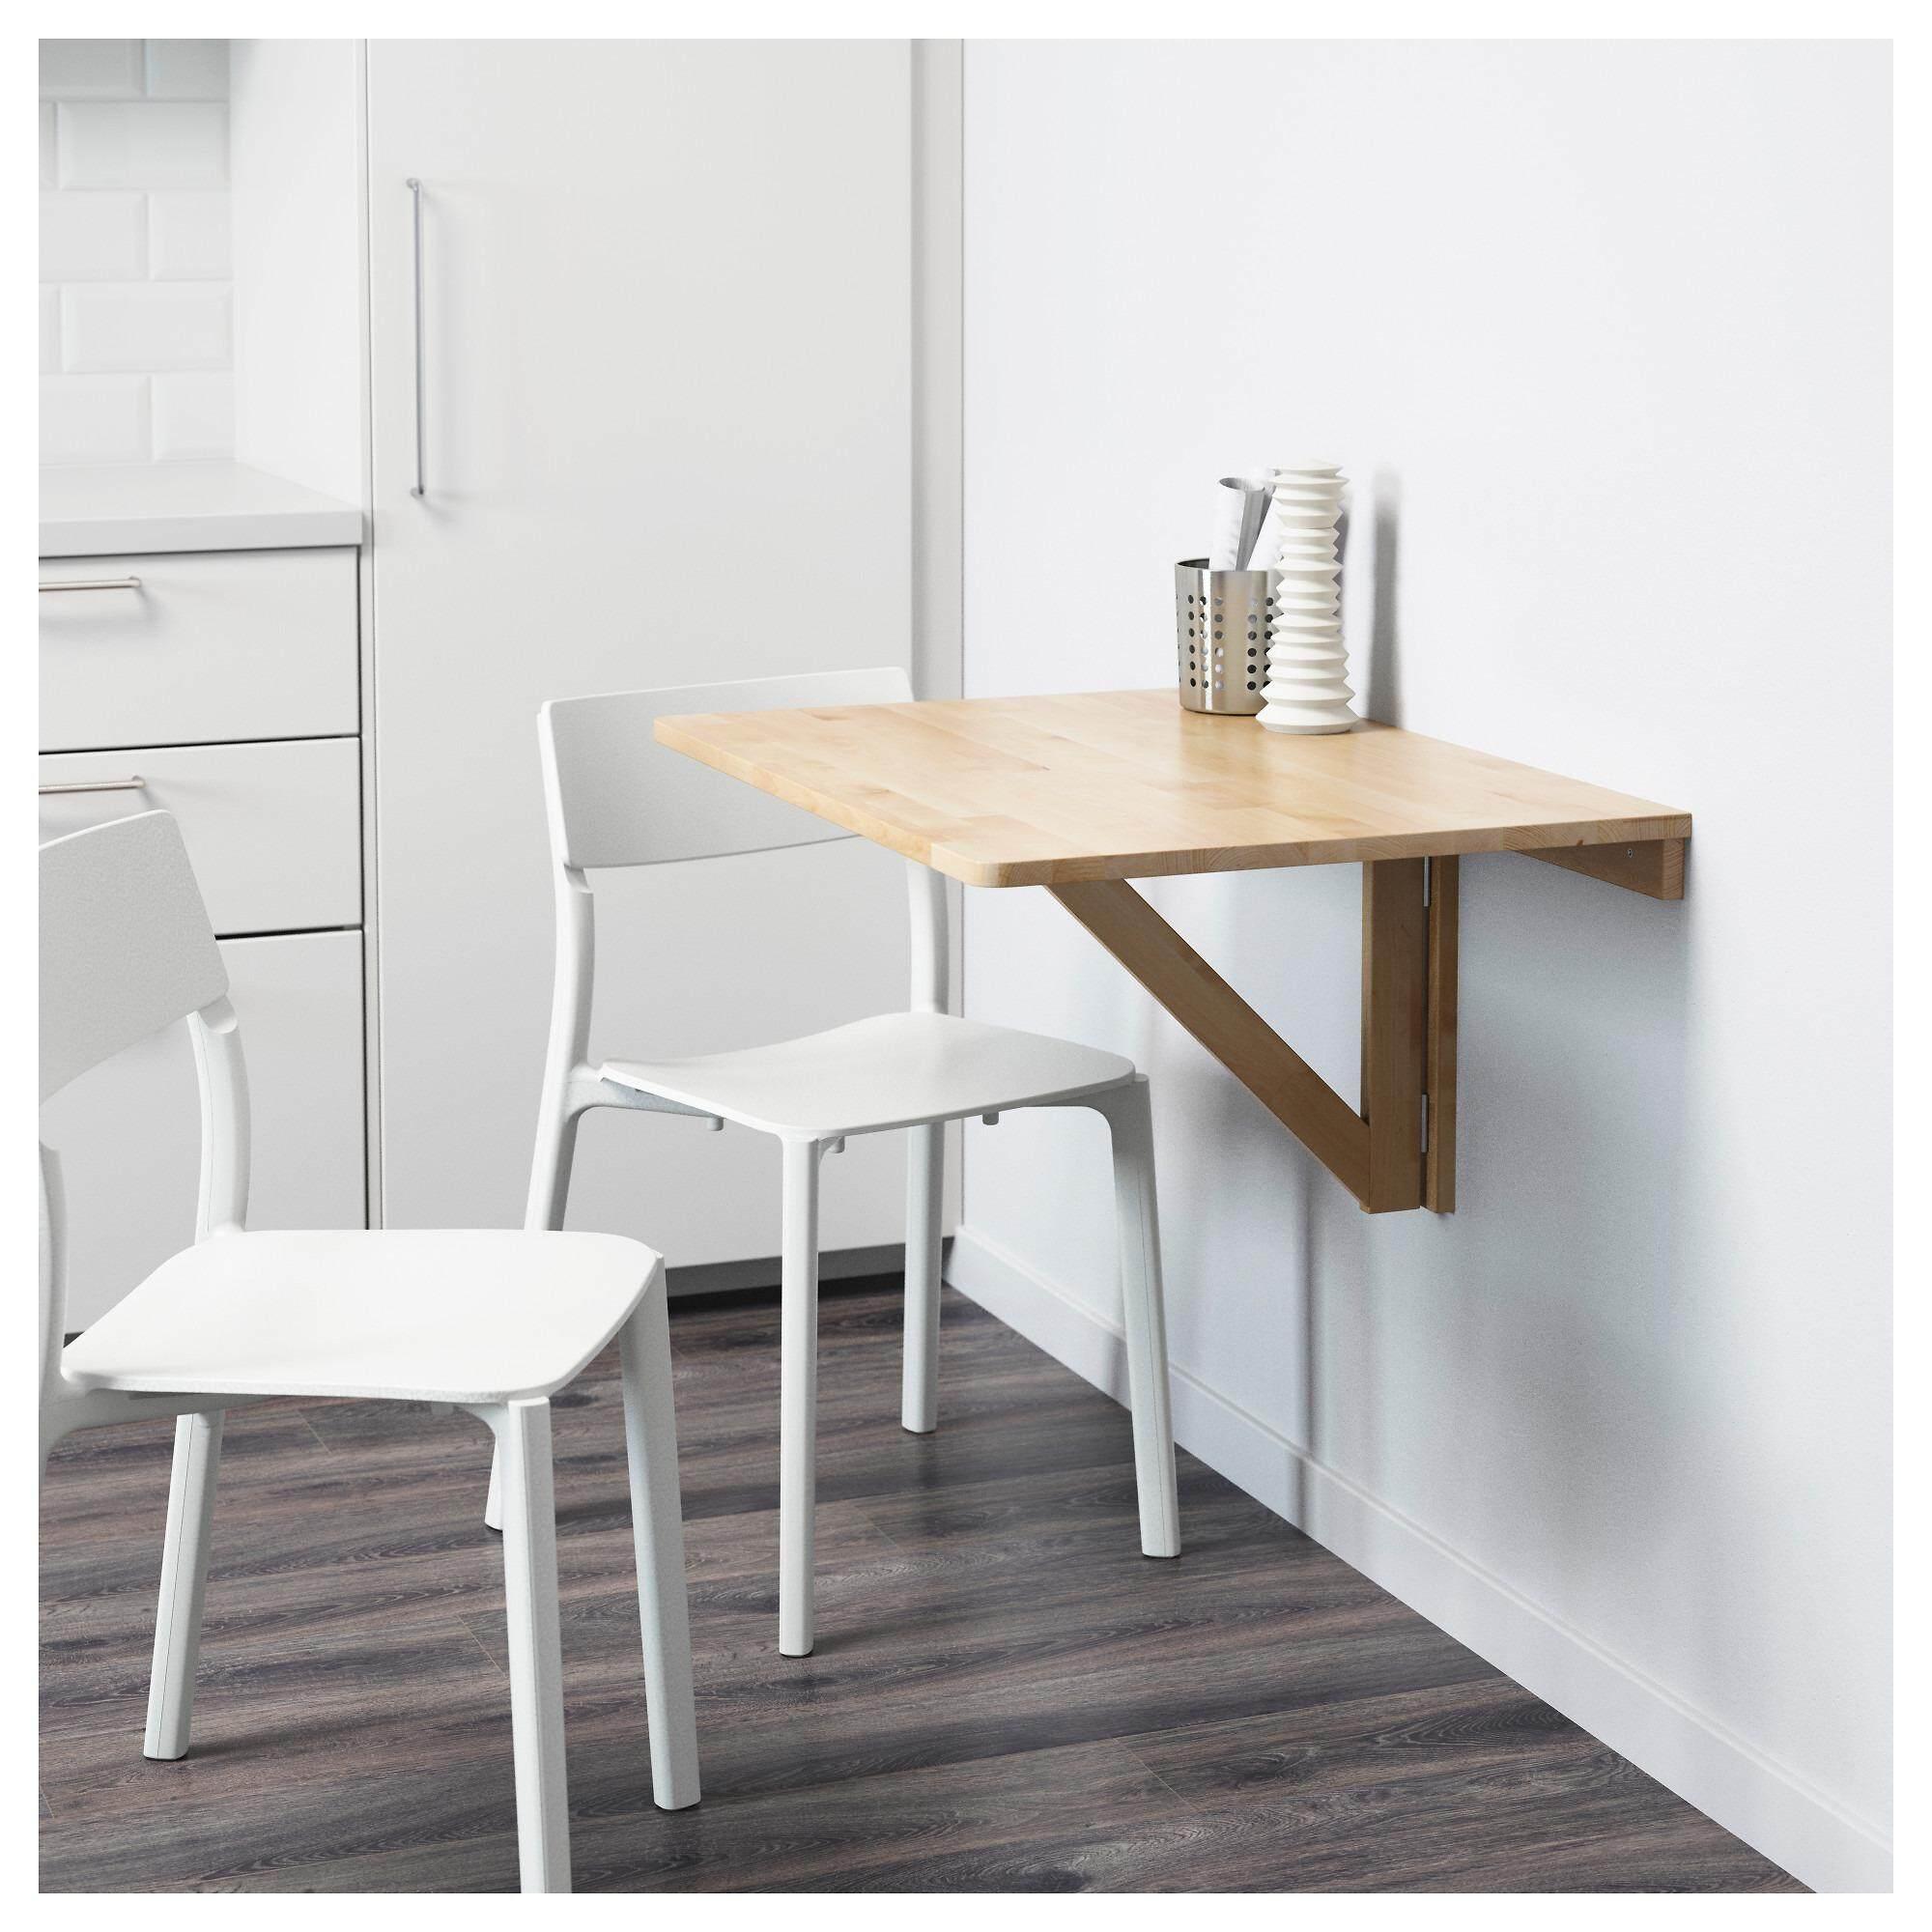 โต๊ะพับ แบบยึดผนัง แข็งแรง ประหยัดพื้นที่ รุ่น นูร์บู By Kaewroon.jan